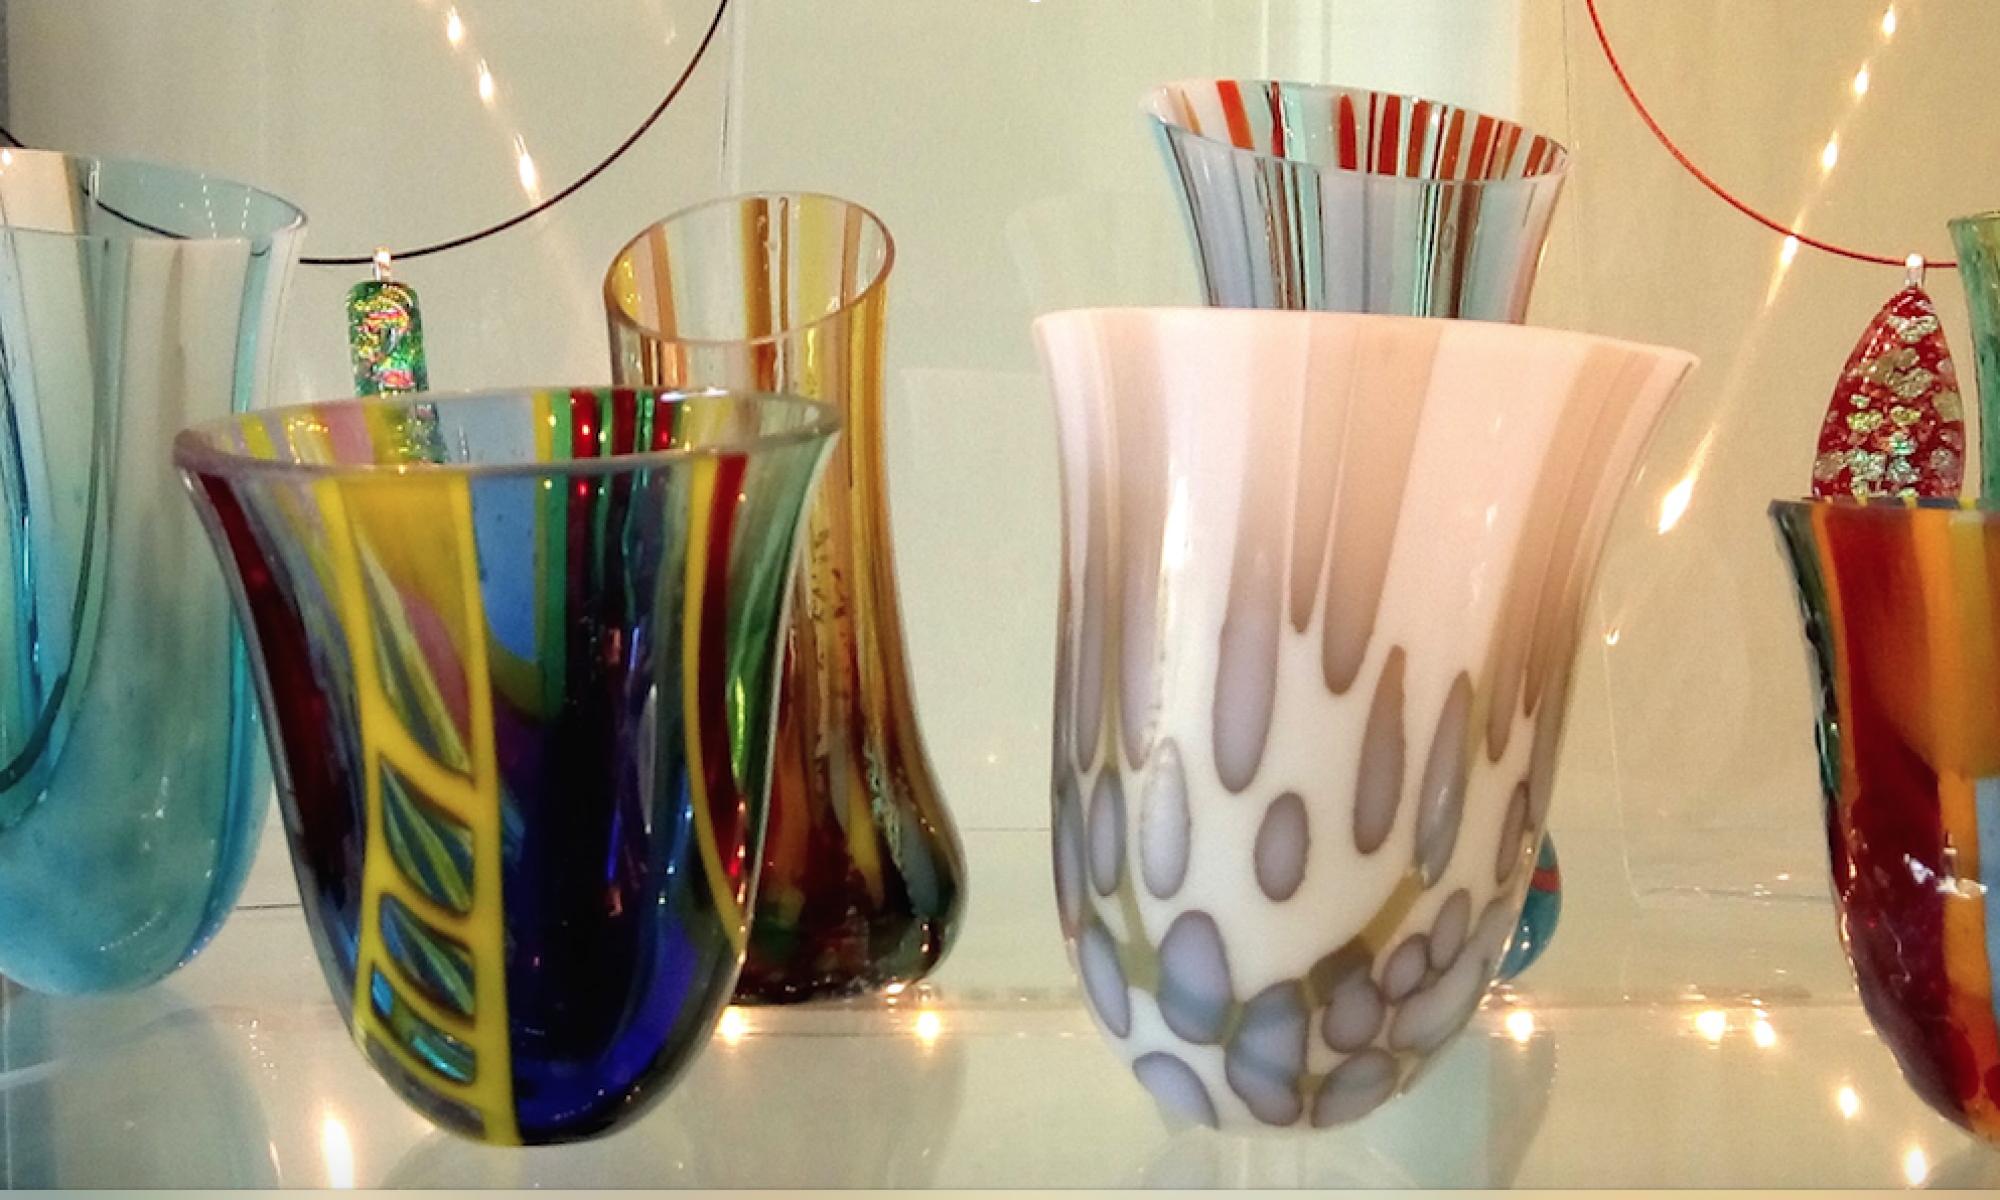 Caroline Moiret, Glass artist